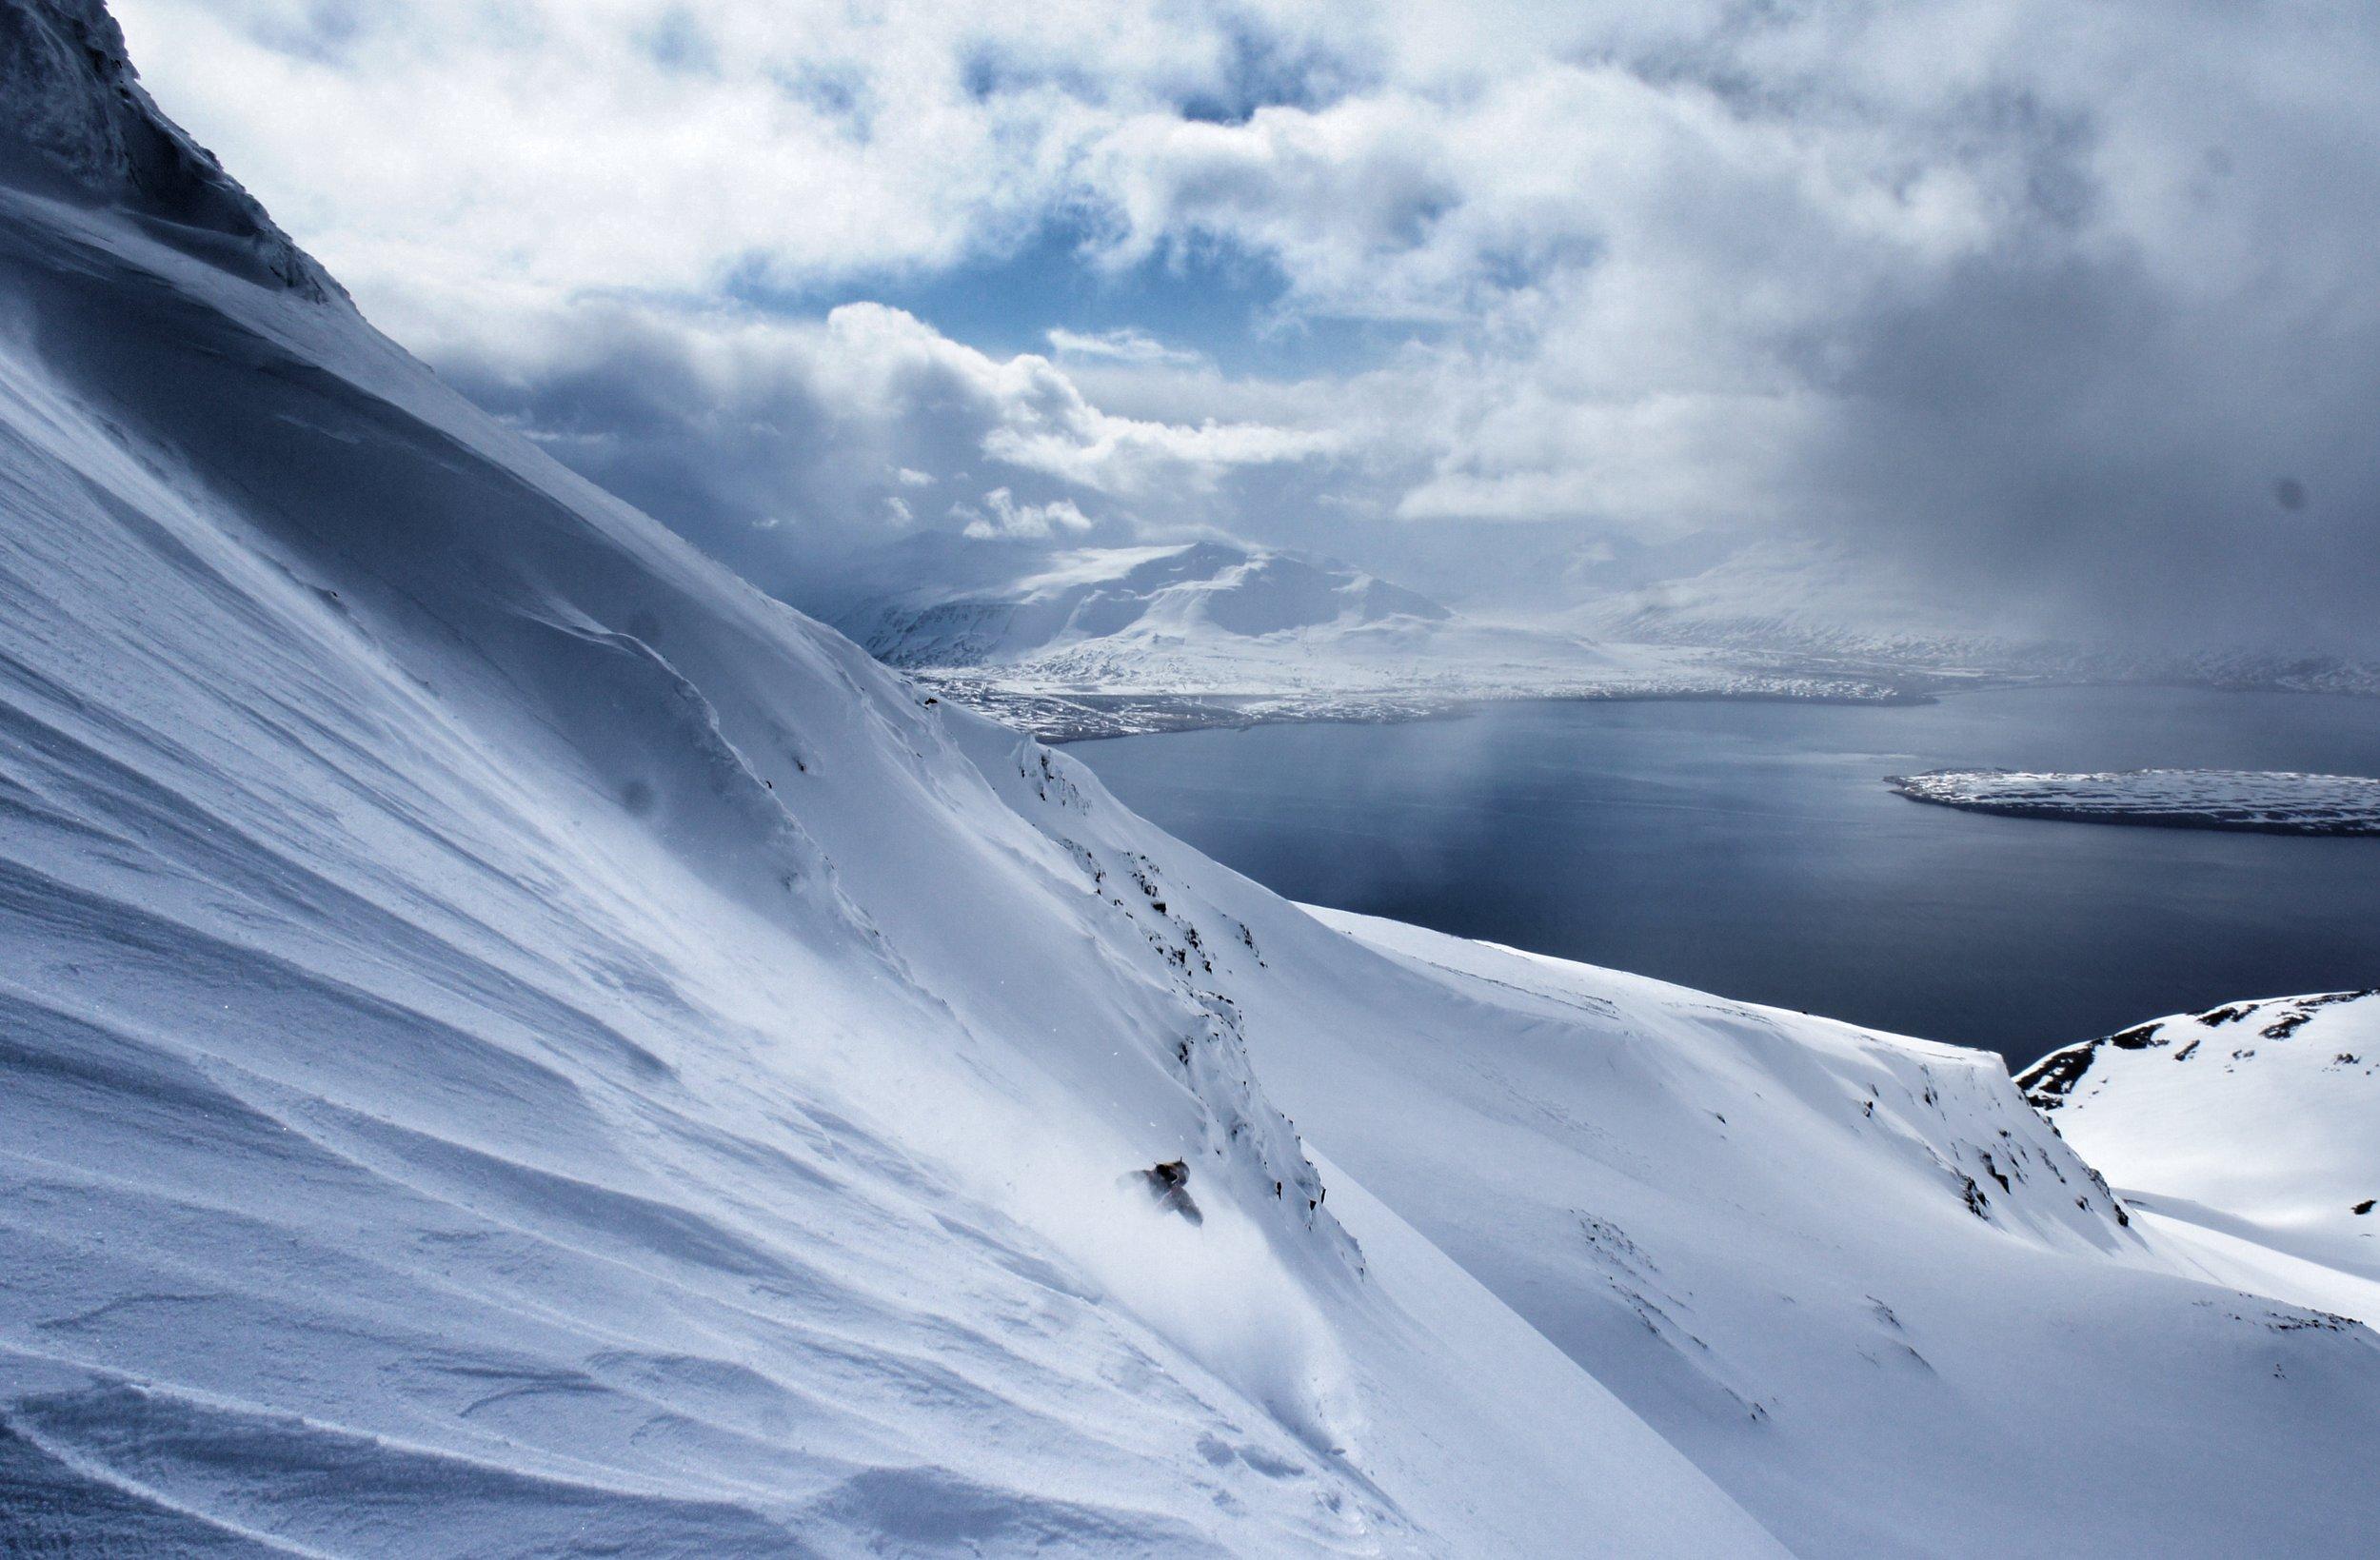 ORIGPLUS_Siegfried-Rumpfuber-Iceland_01.JPG